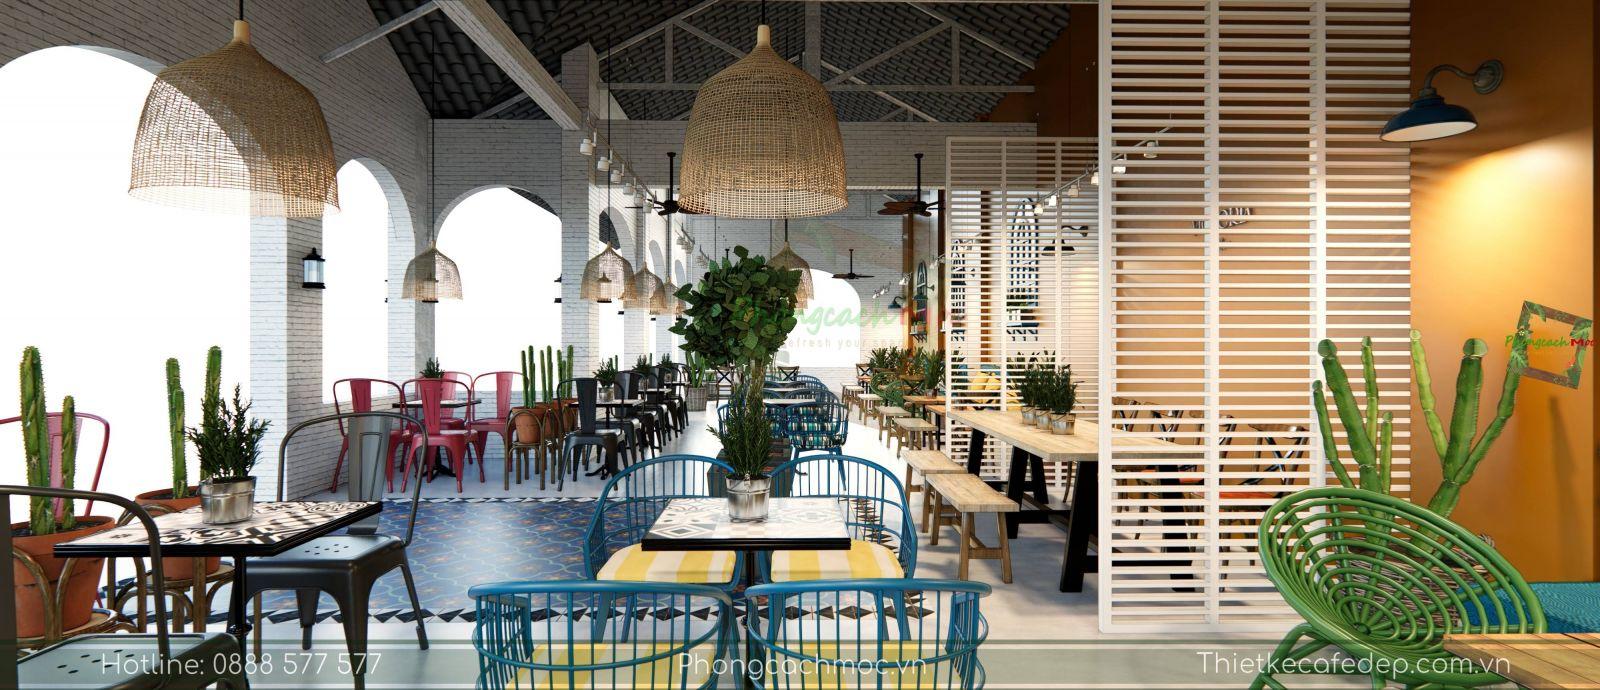 thiết kế quán cafe địa trung hải không gian phòng lạnh -6